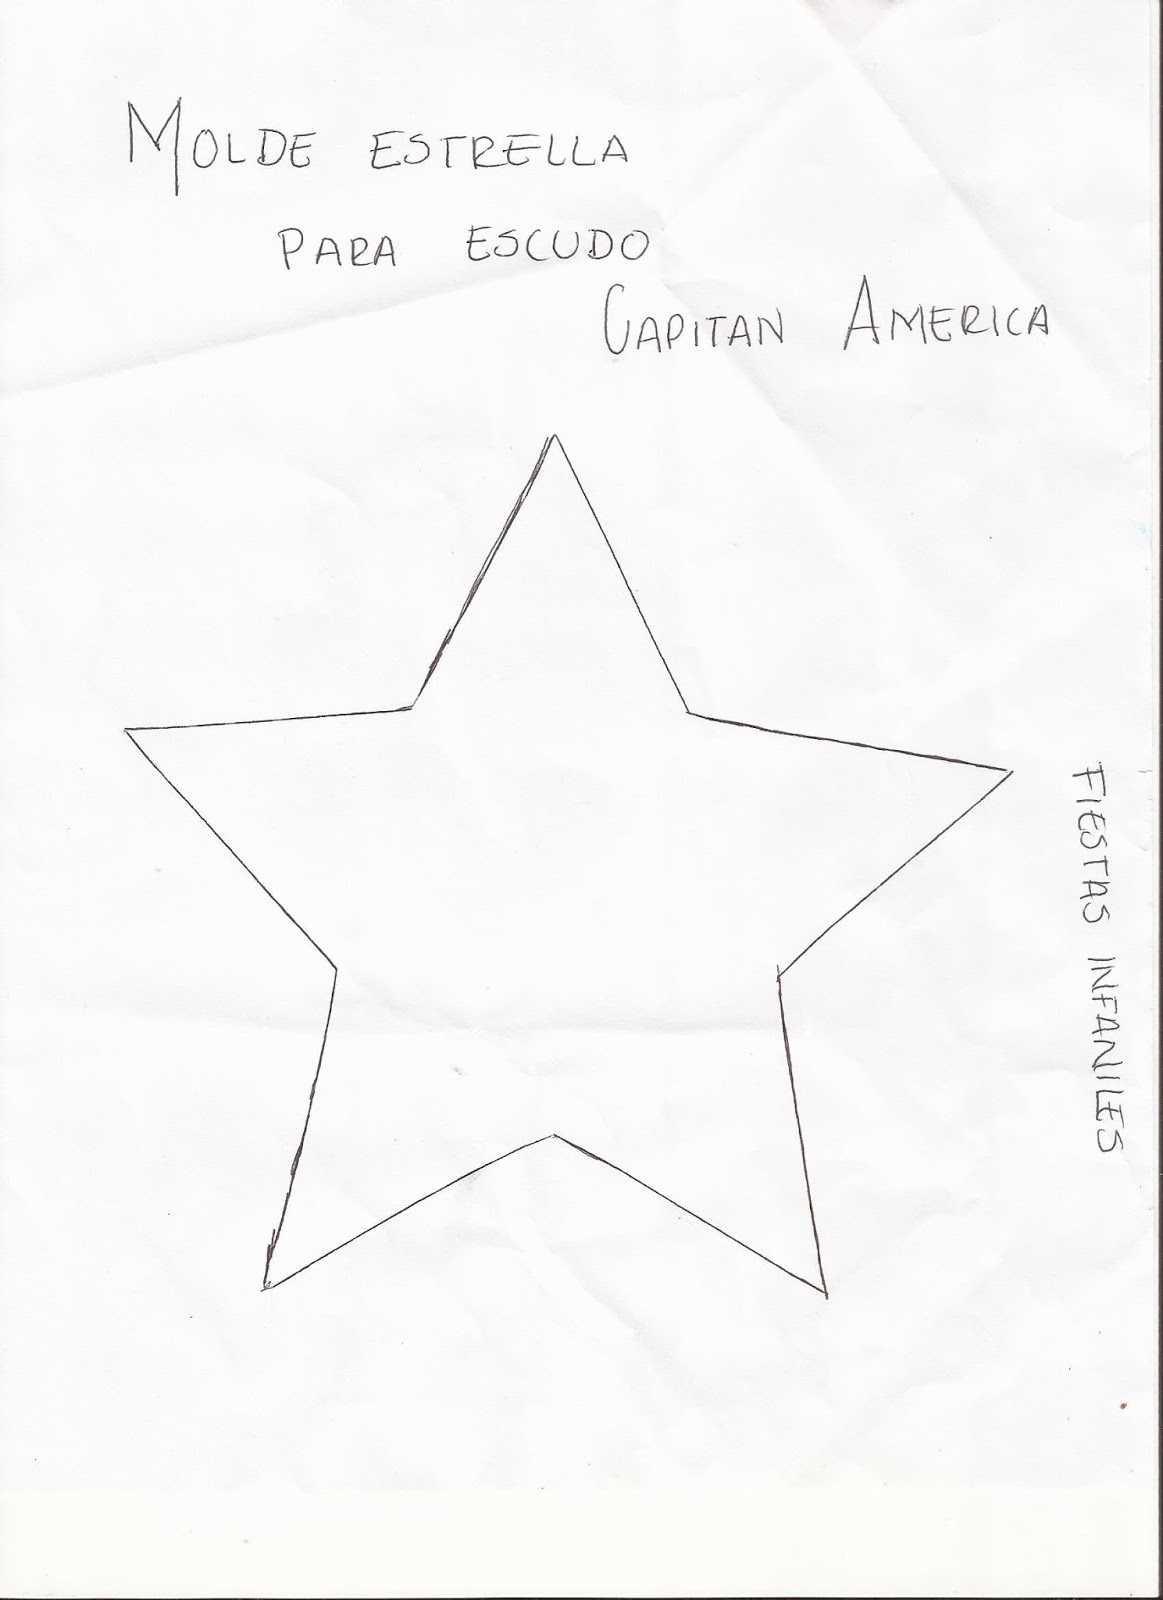 Fantástico Capitán América Para Colorear Escudo Imagen - Enmarcado ...